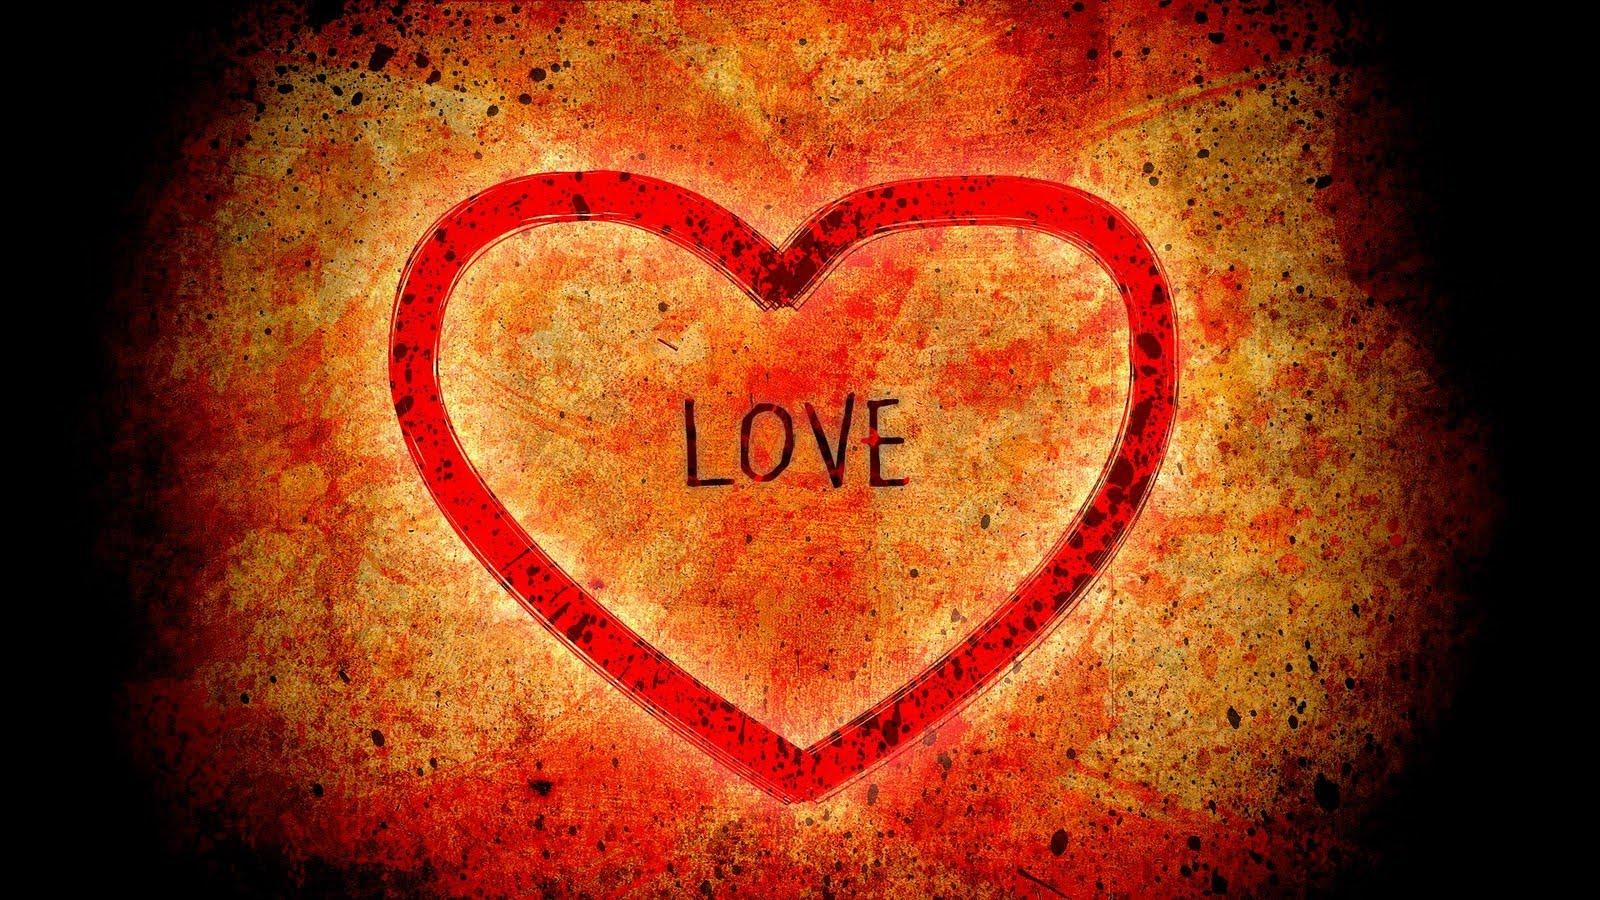 http://1.bp.blogspot.com/-6qaNdo4xes4/TZmnXz3KAUI/AAAAAAAAynM/ui68A2puDKo/s1600/Valentines-Day-9.jpg